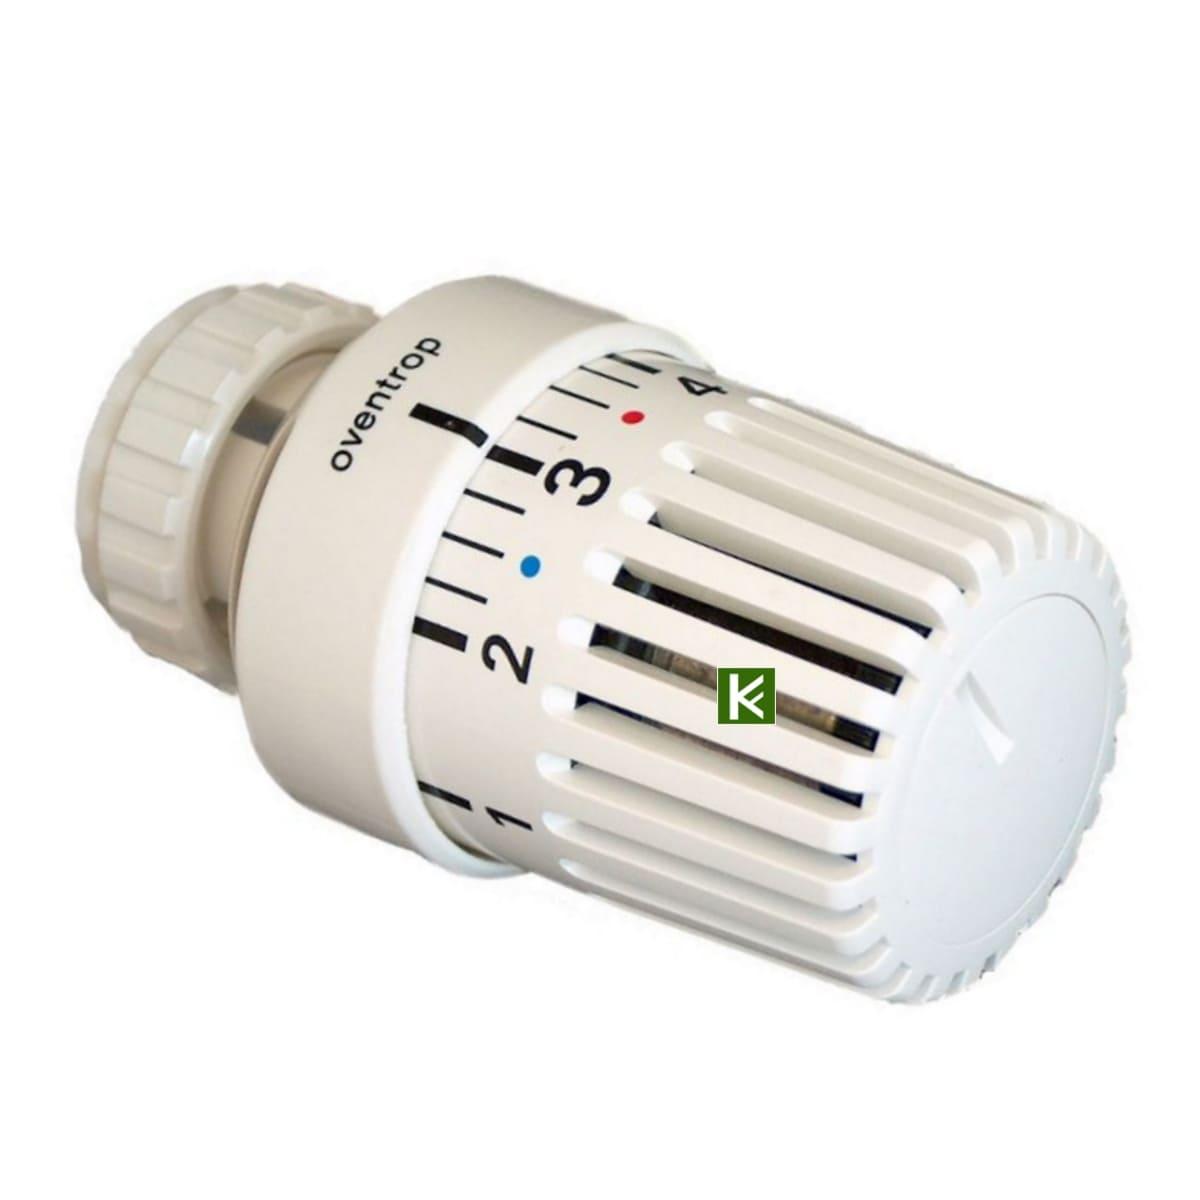 терморегулятор Oventrop Uni LD 1011475